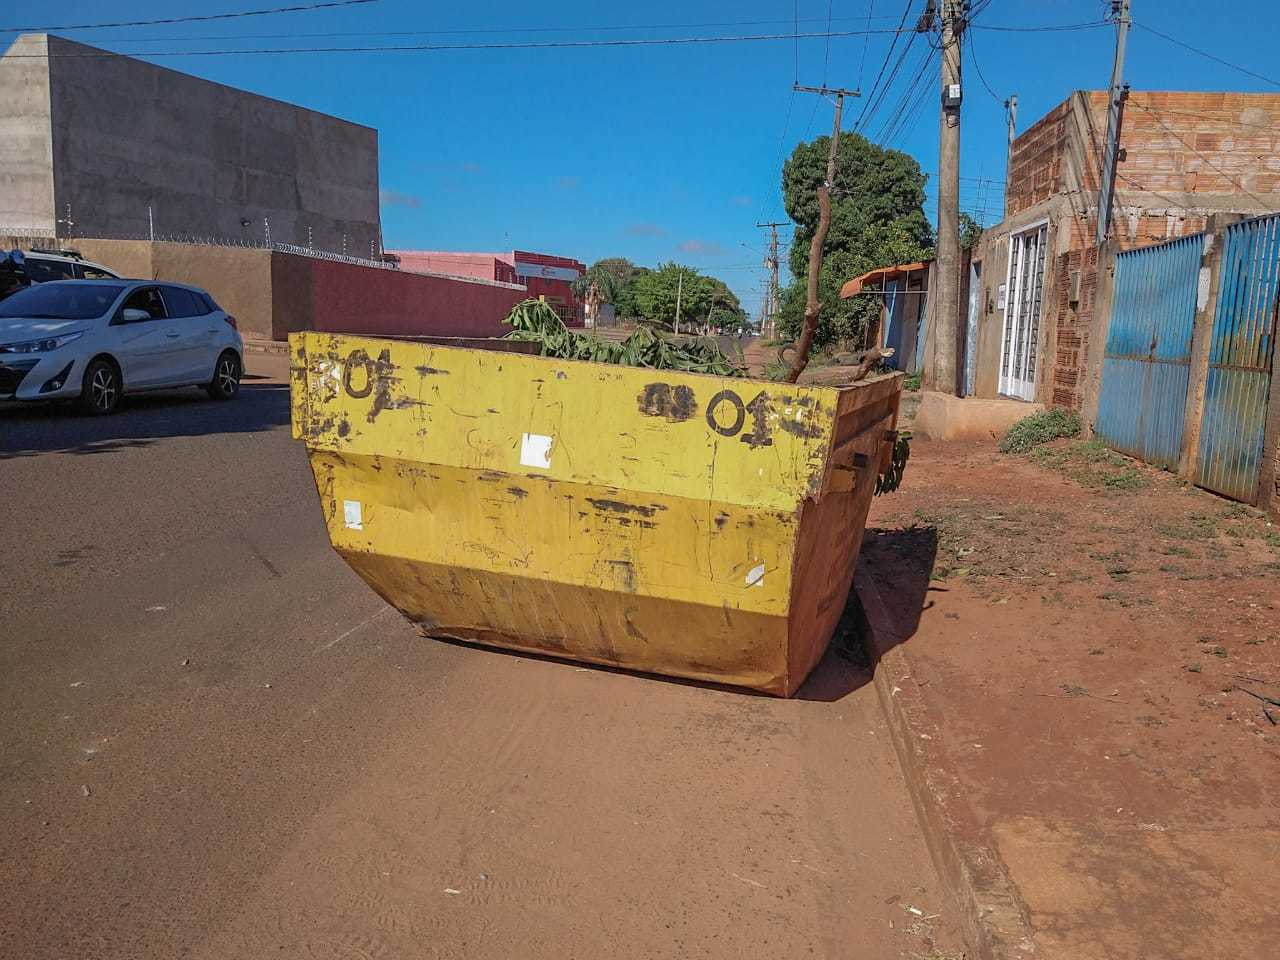 Motocicleta bateu em caçamba sem sinalização na Rua Santa Quitéria. (Foto: Marcos Maluf)